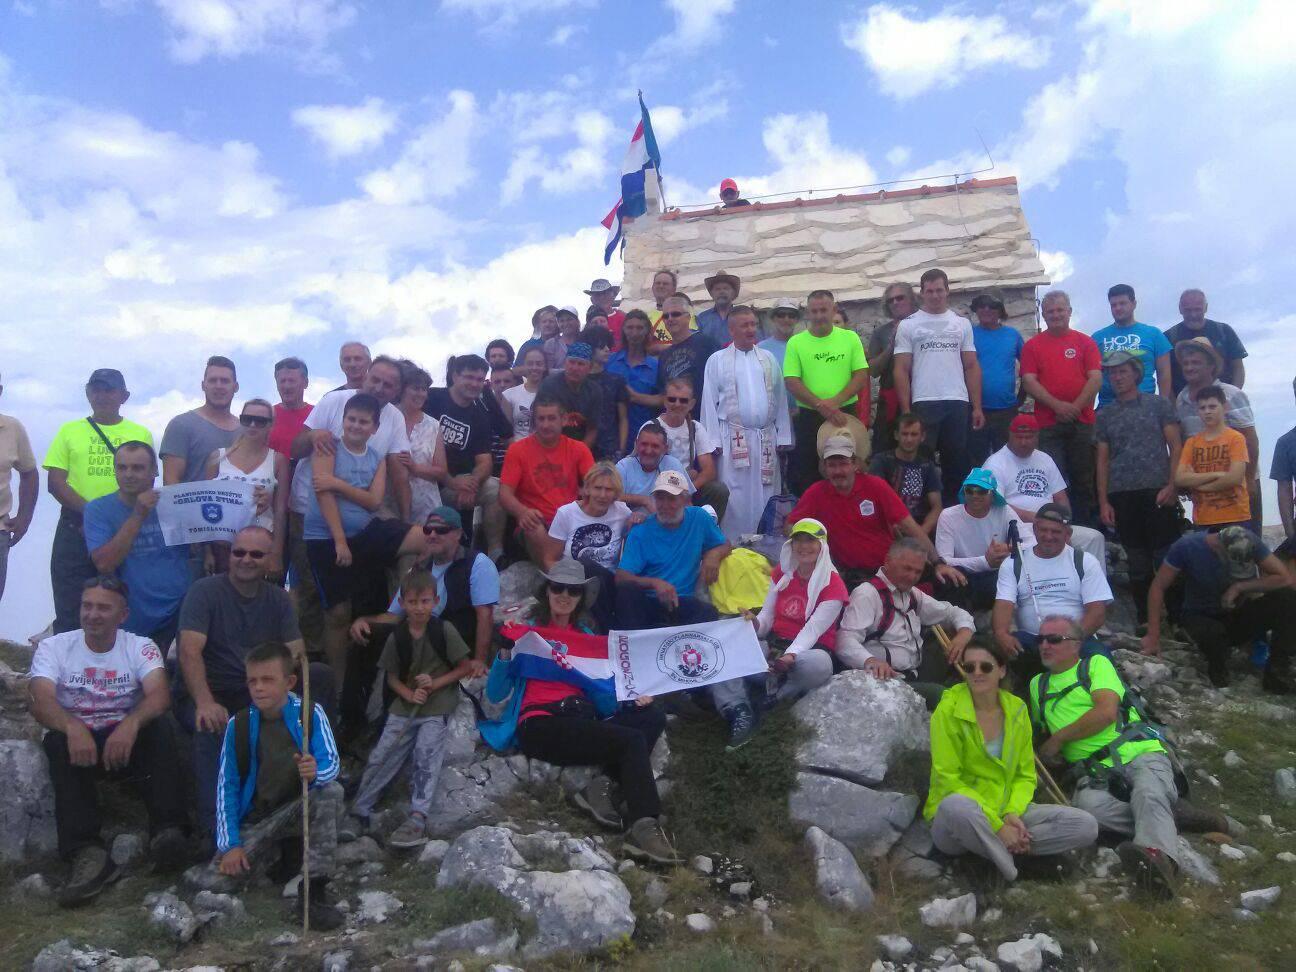 Za blagdan Sv. Ilije: Više od 100 hodočasnika na Biokovu